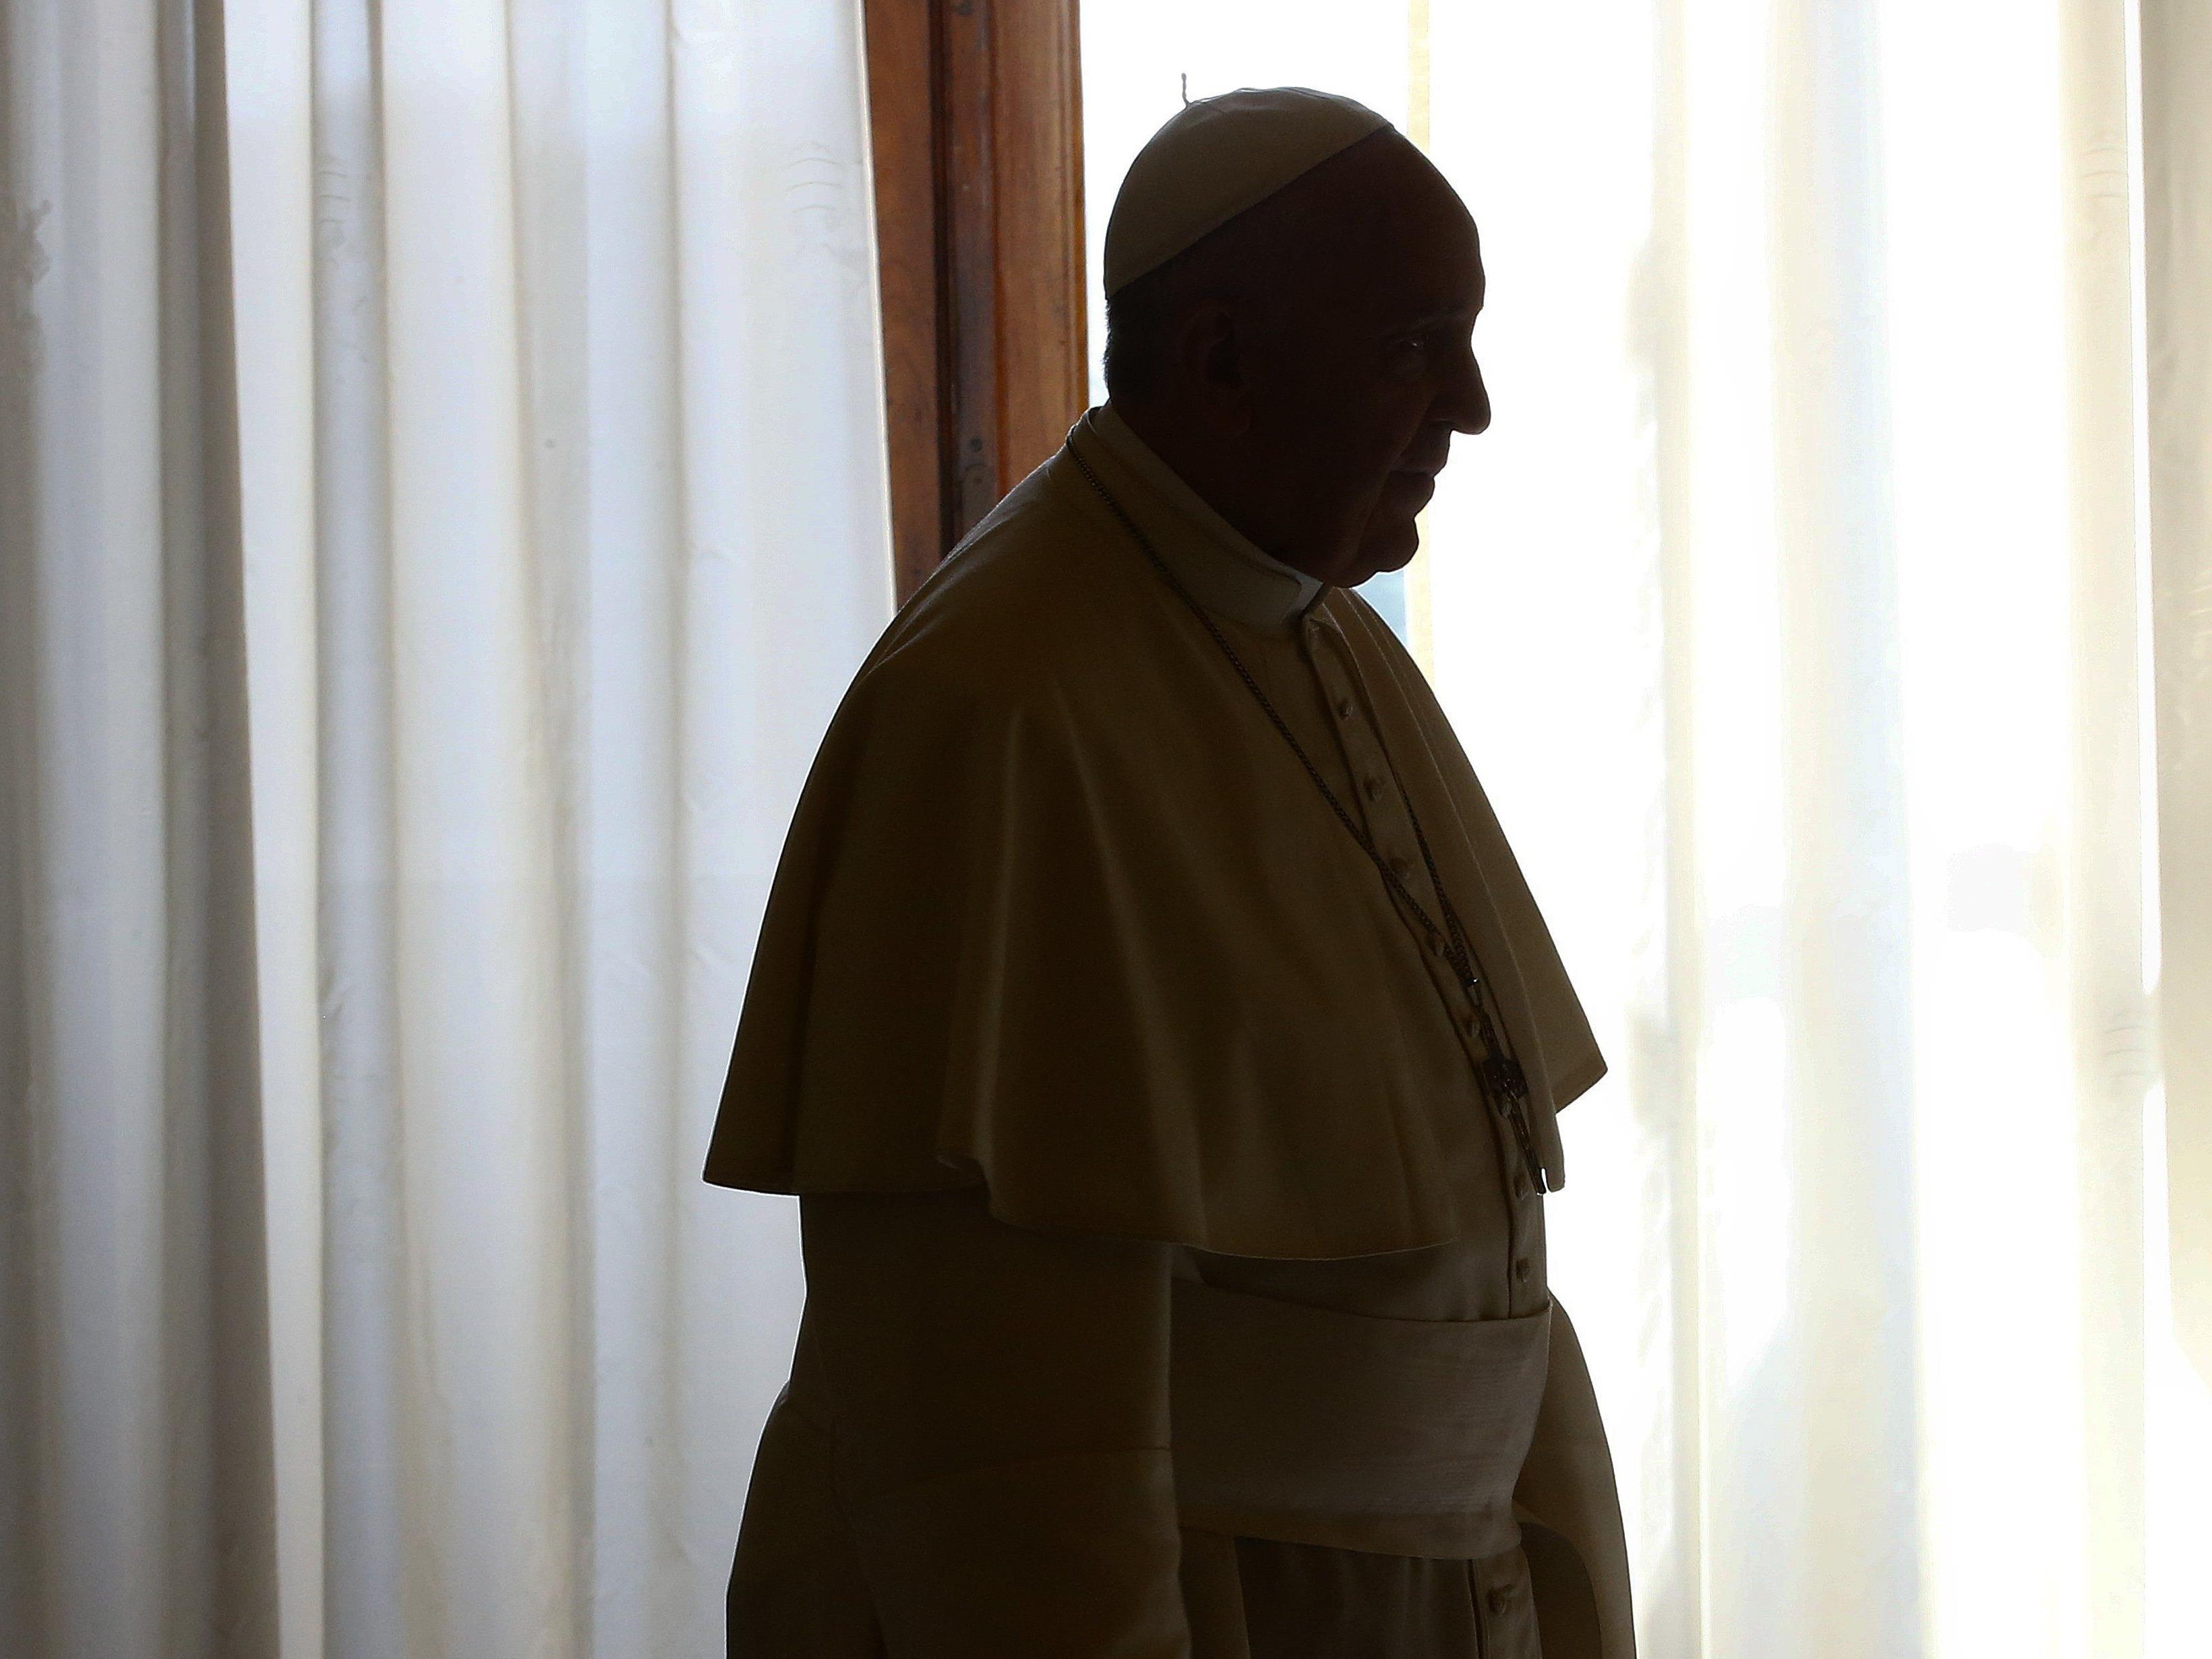 Papst lässt Ex-Nuntius verhaften: Polnischem Geistlichen drohen bis zu 20 Jahre Haft.